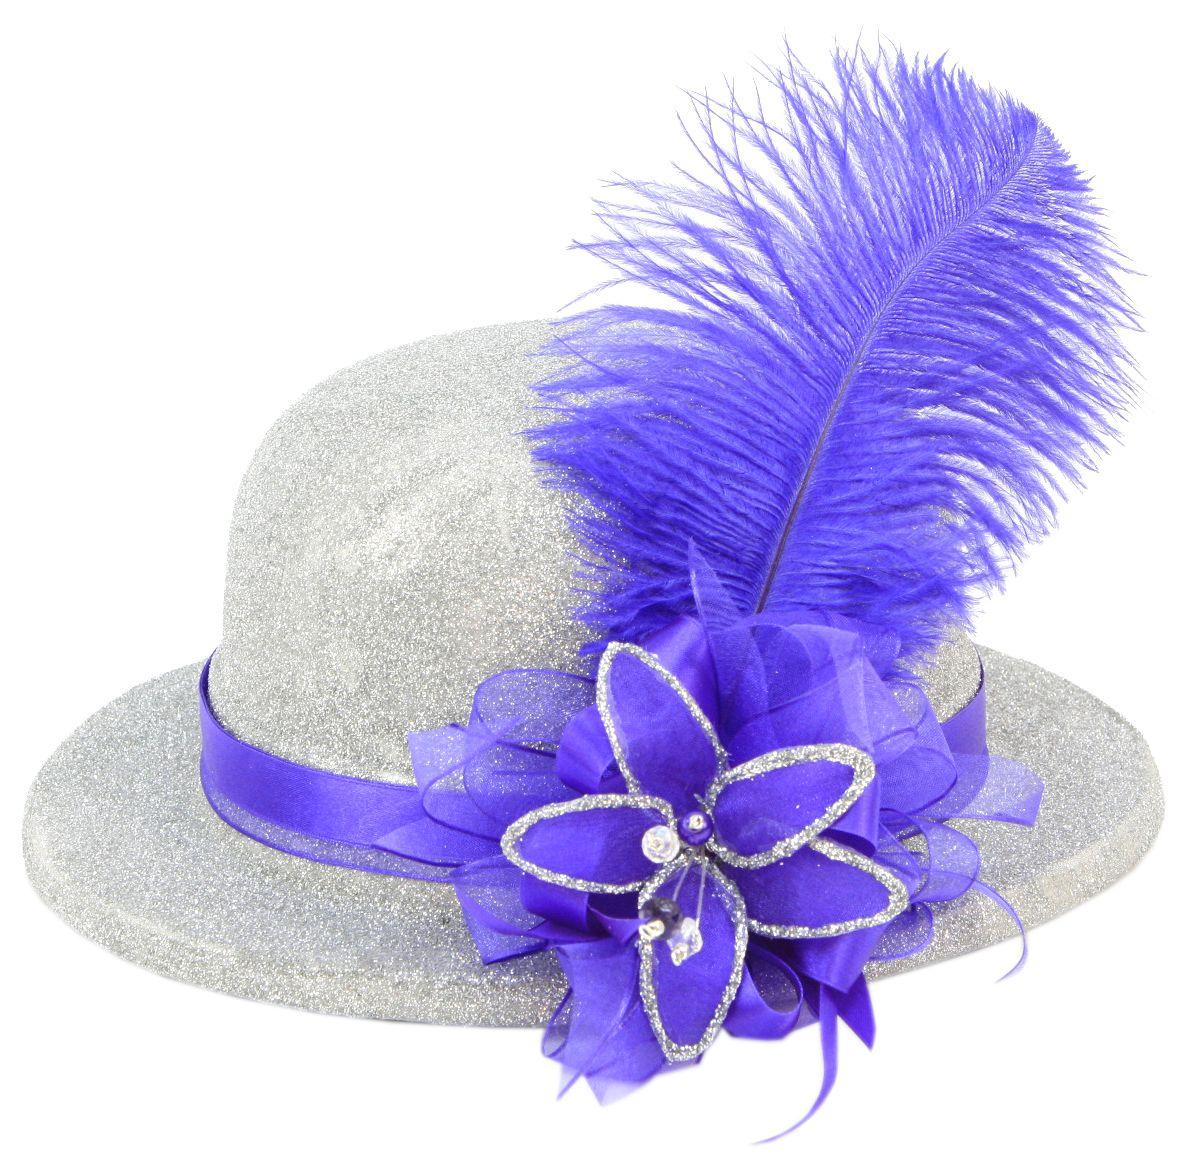 Sombrero para fiestas   Batucadas   Fiesta de XV años  ab4b8cd3bc6